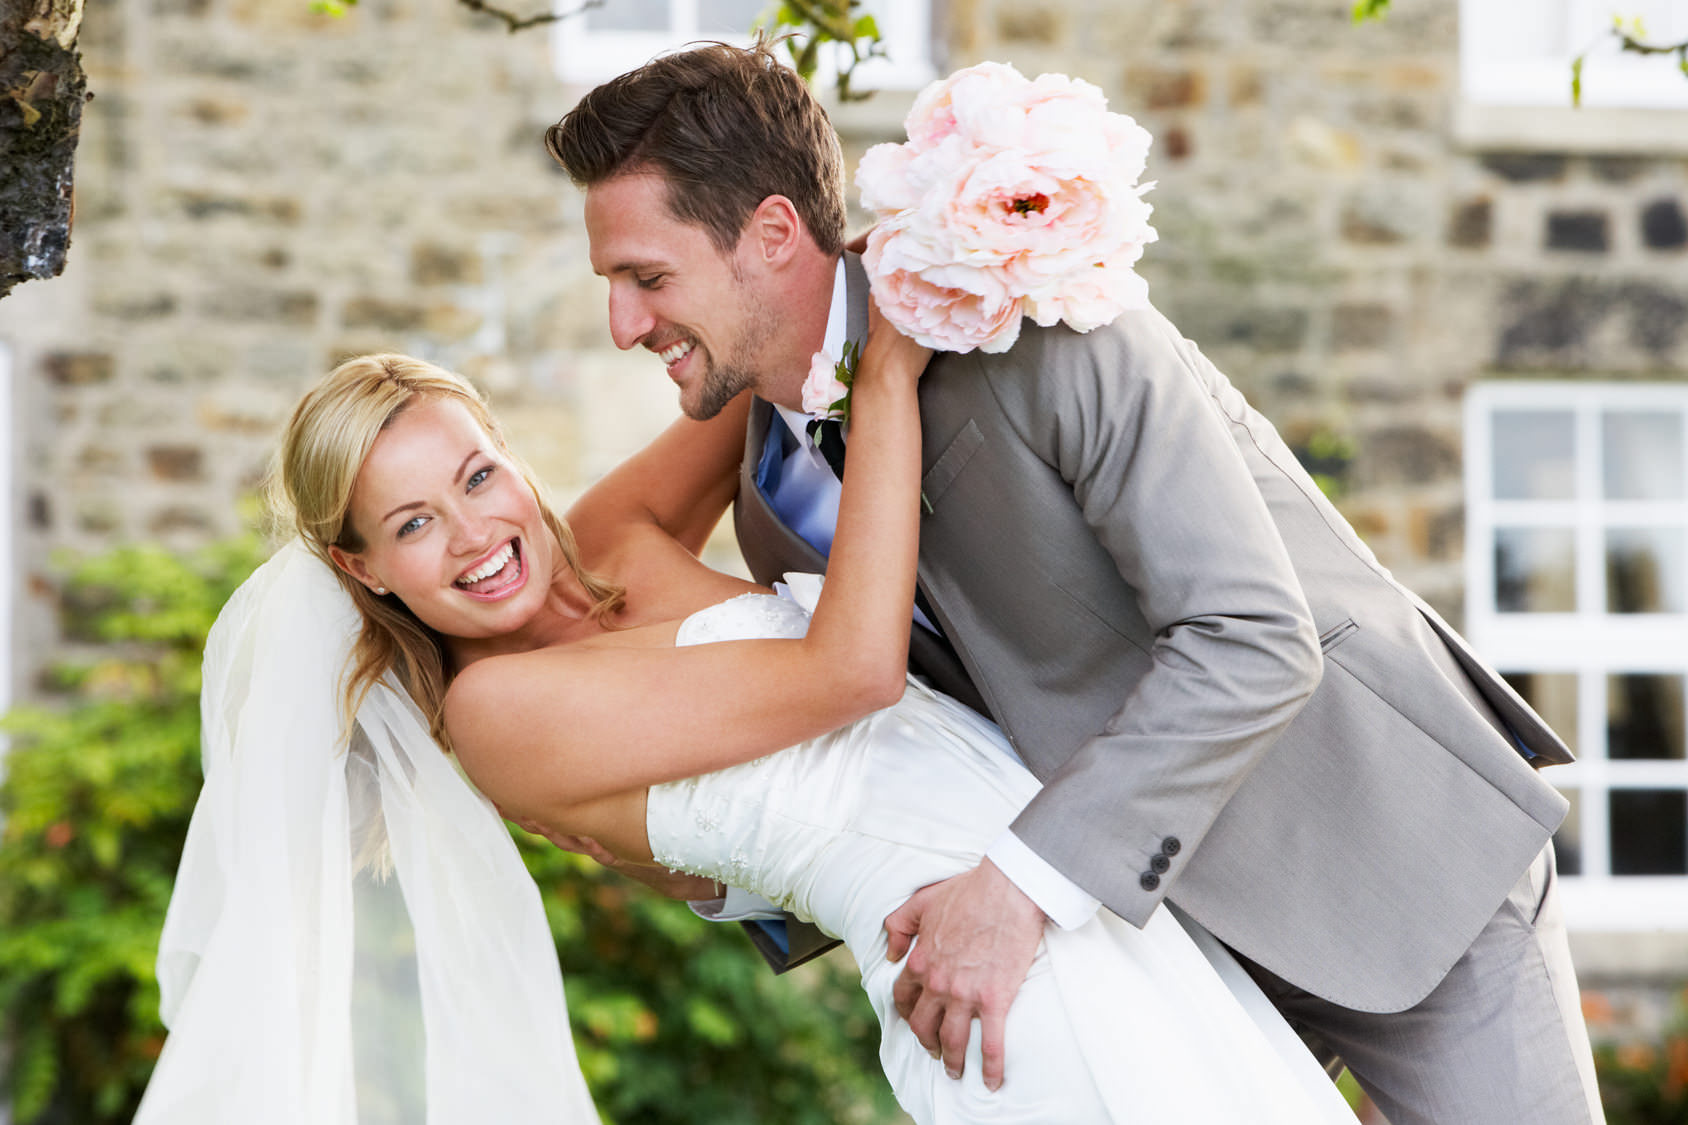 Уж замуж невтерпеж? Тогда можно и поторопиться (фото: micromonkey - Fotolia.com).